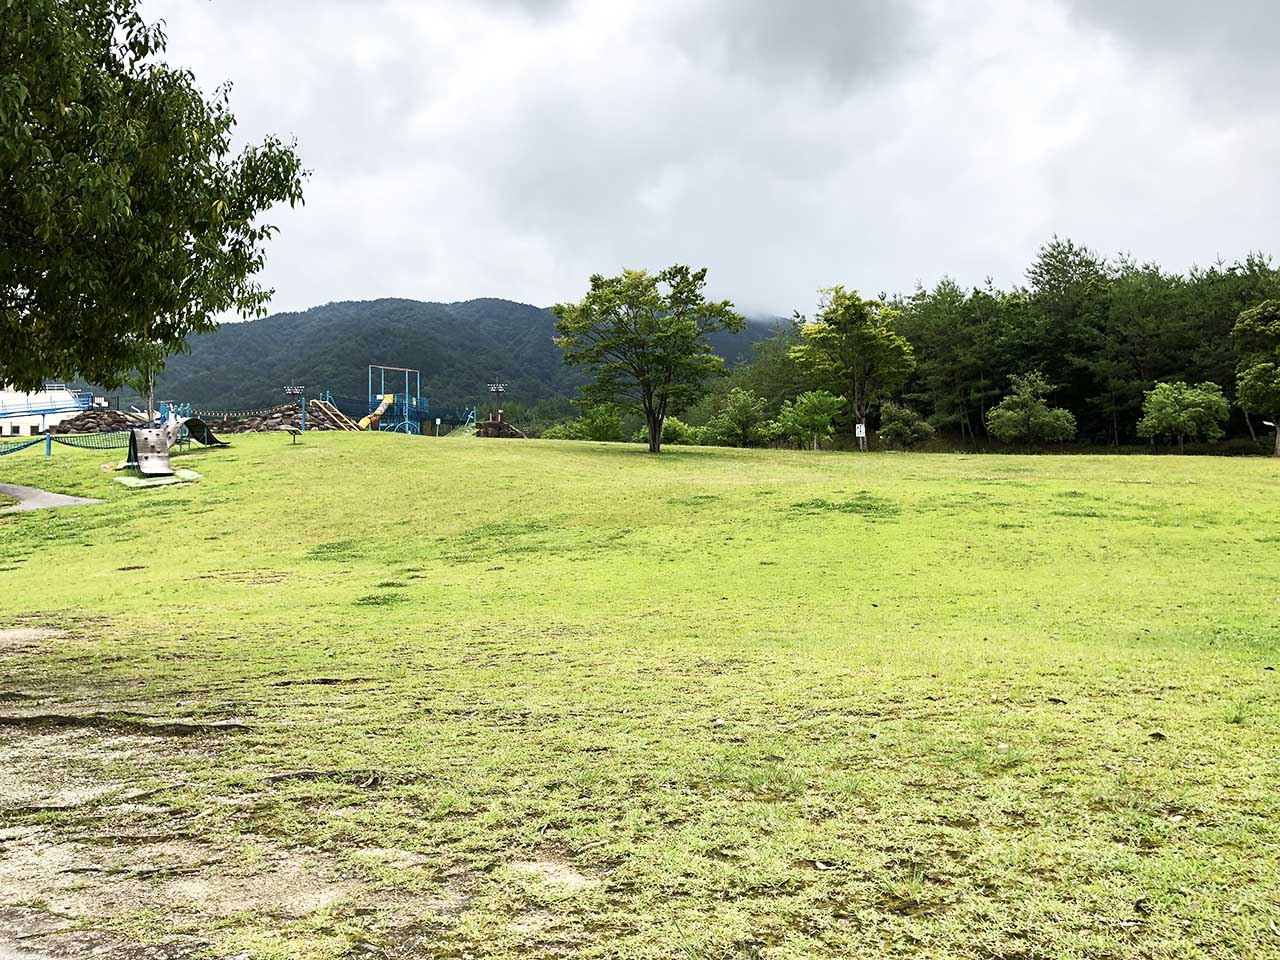 子供と遊ぶ公園中津川市の中津川公園の遊具広場芝生